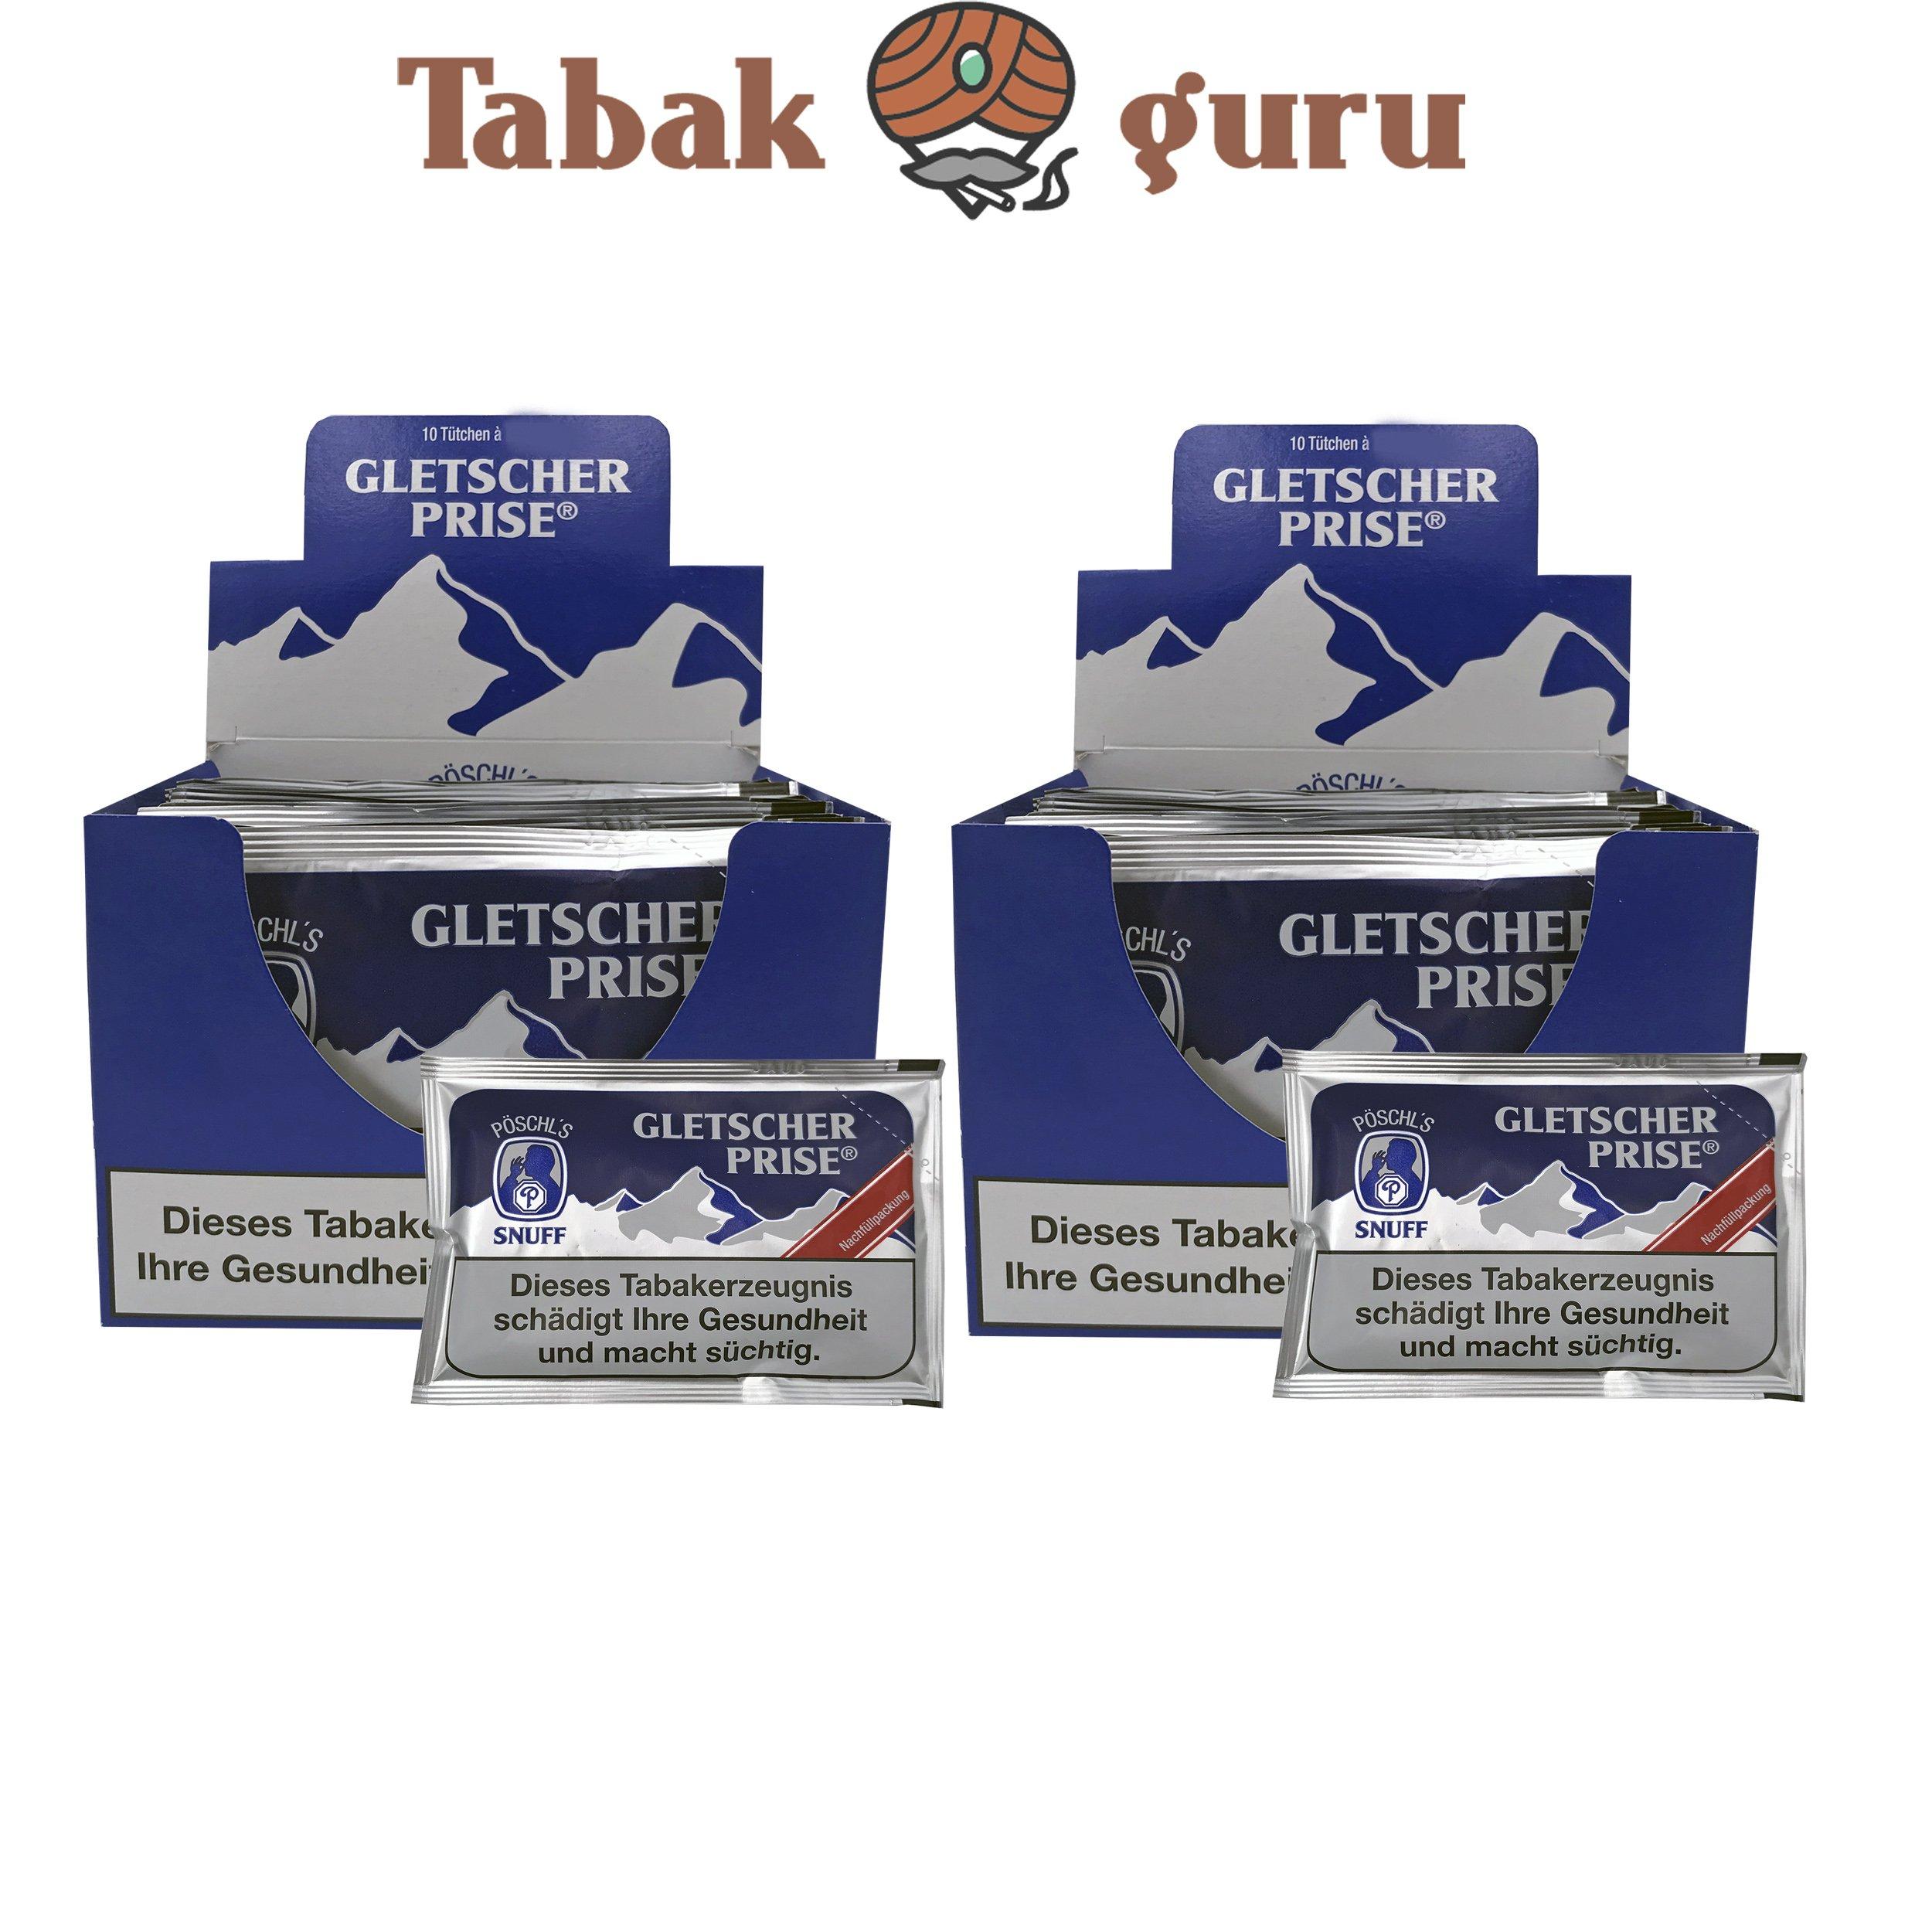 20x Gletscher Prise Snuff Schnupftabak 25g Beutel